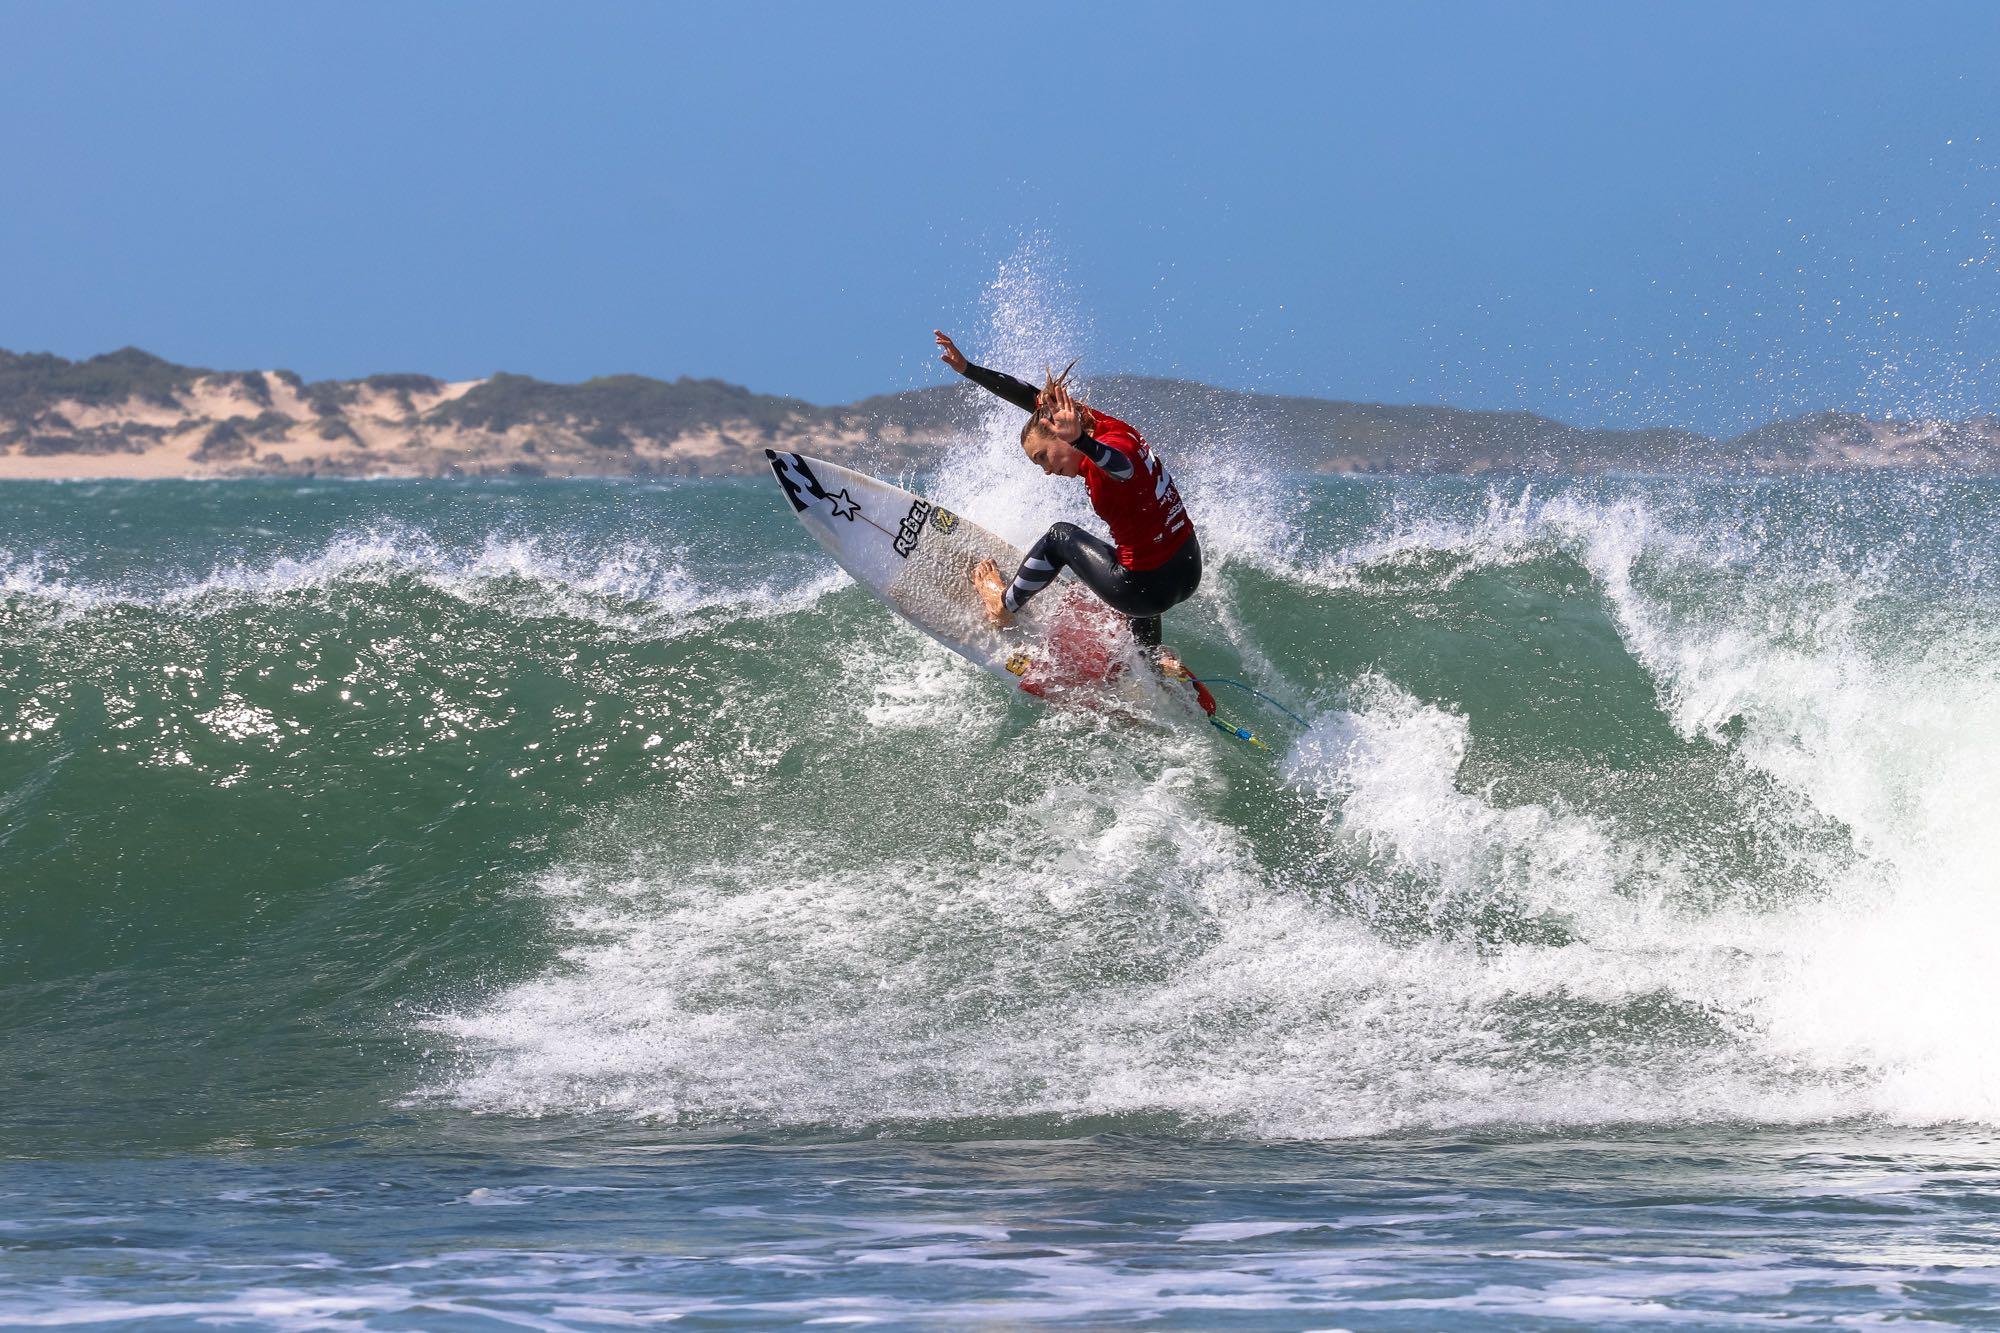 Summer Sutton surfing in the 2017 Billabong Junior Series